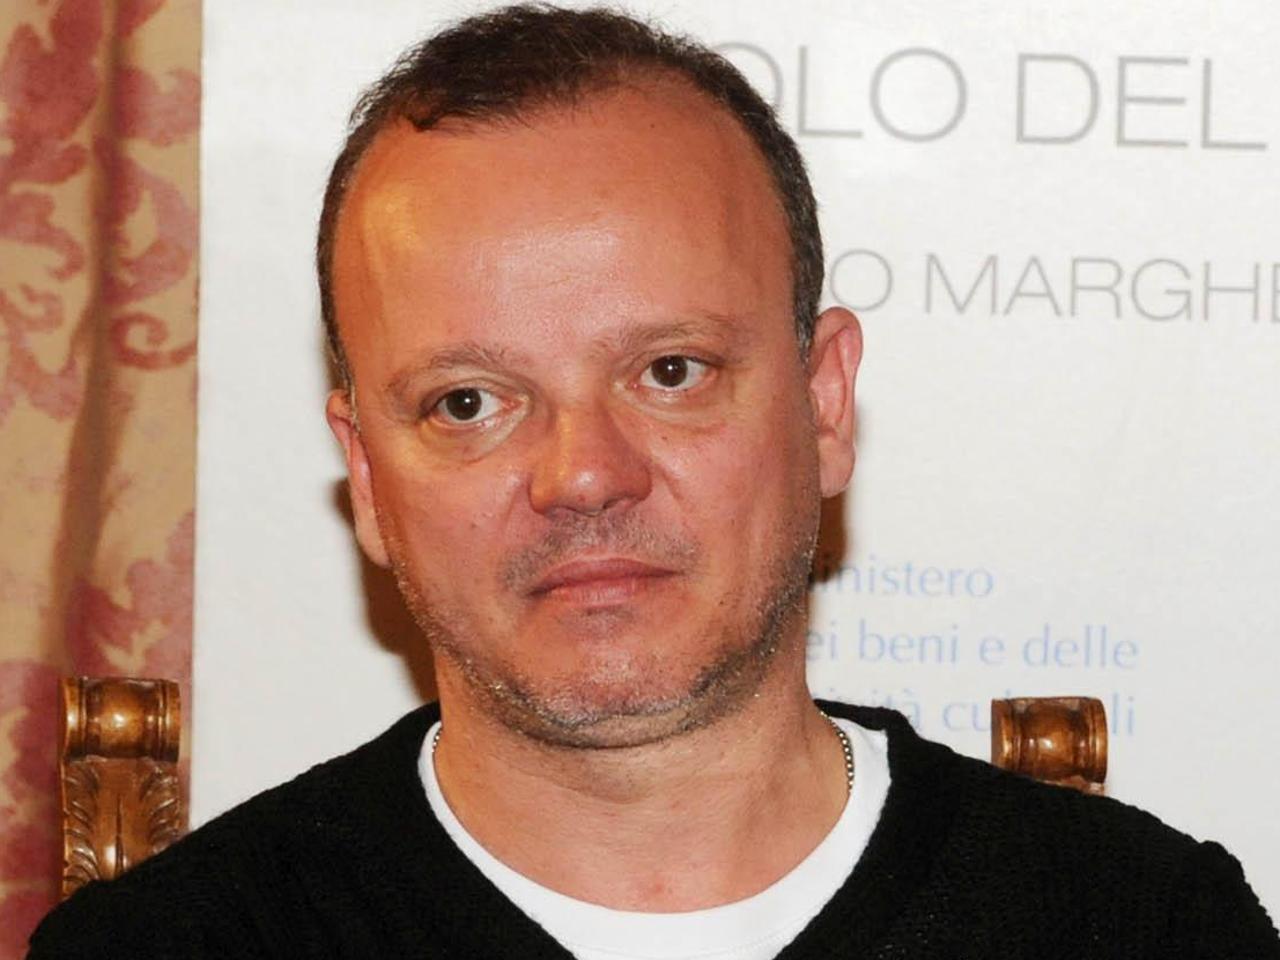 Gigi D'Alessio invitato alla festa dell'Unità, scoppia la polemica nel Pd